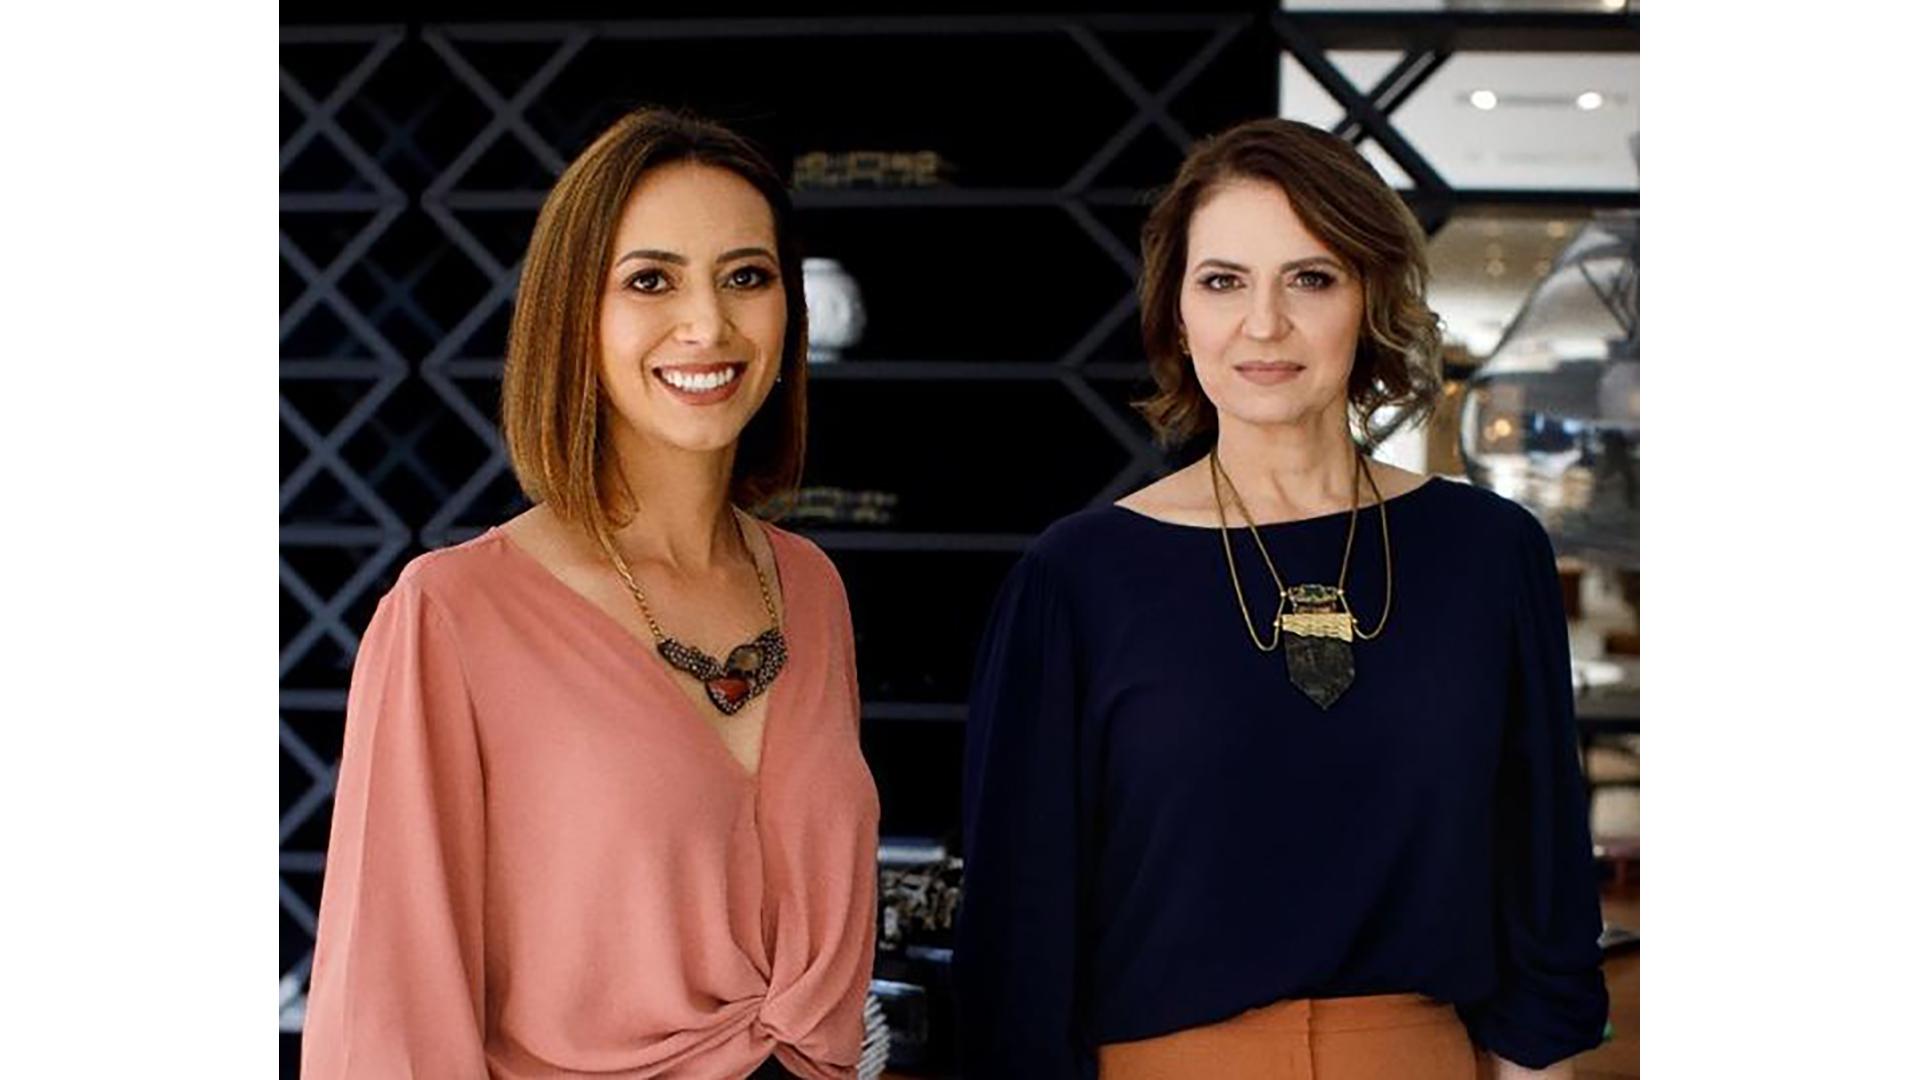 Dani Amorim e Karla Giacomet apresentam o workshop Marca Pessoal: Da essência à aparência, na Confraria do Instituto Connect.